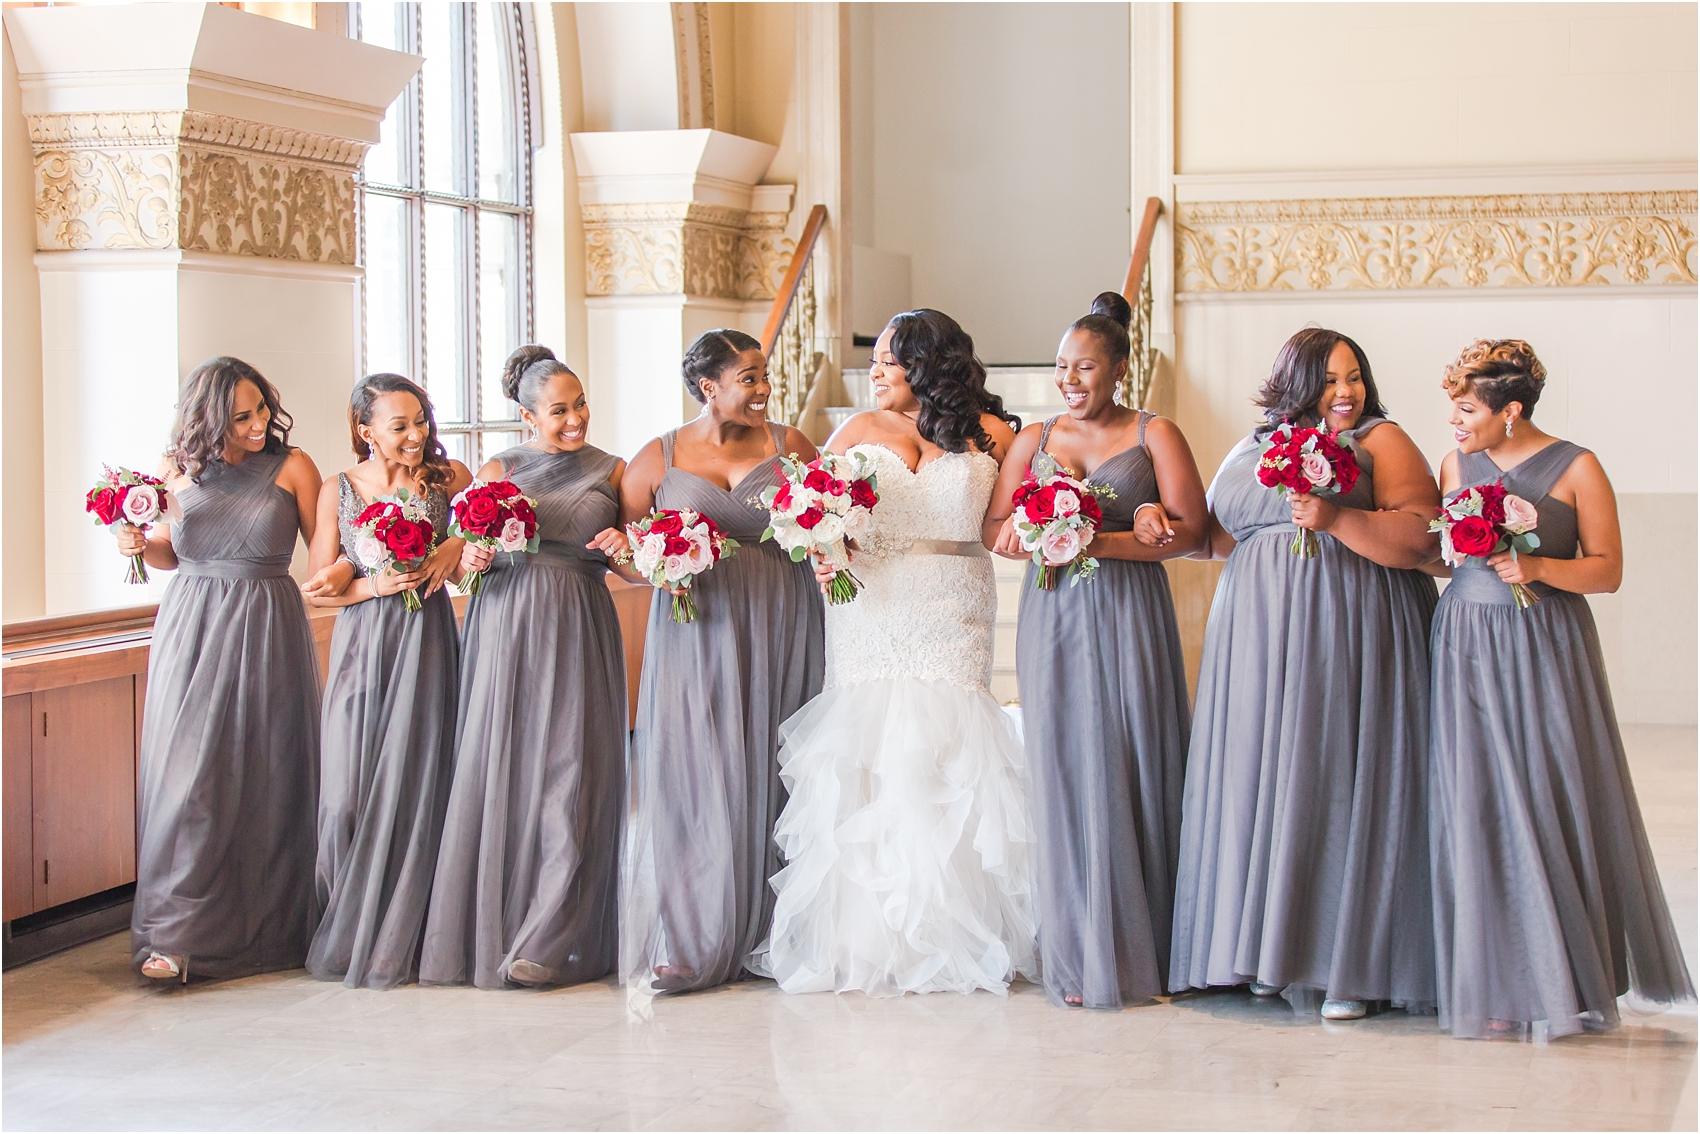 minimalist-and-modern-wedding-photos-at-30-north-saginaw-in-pontiac-michigan-by-courtney-carolyn-photography_0017.jpg